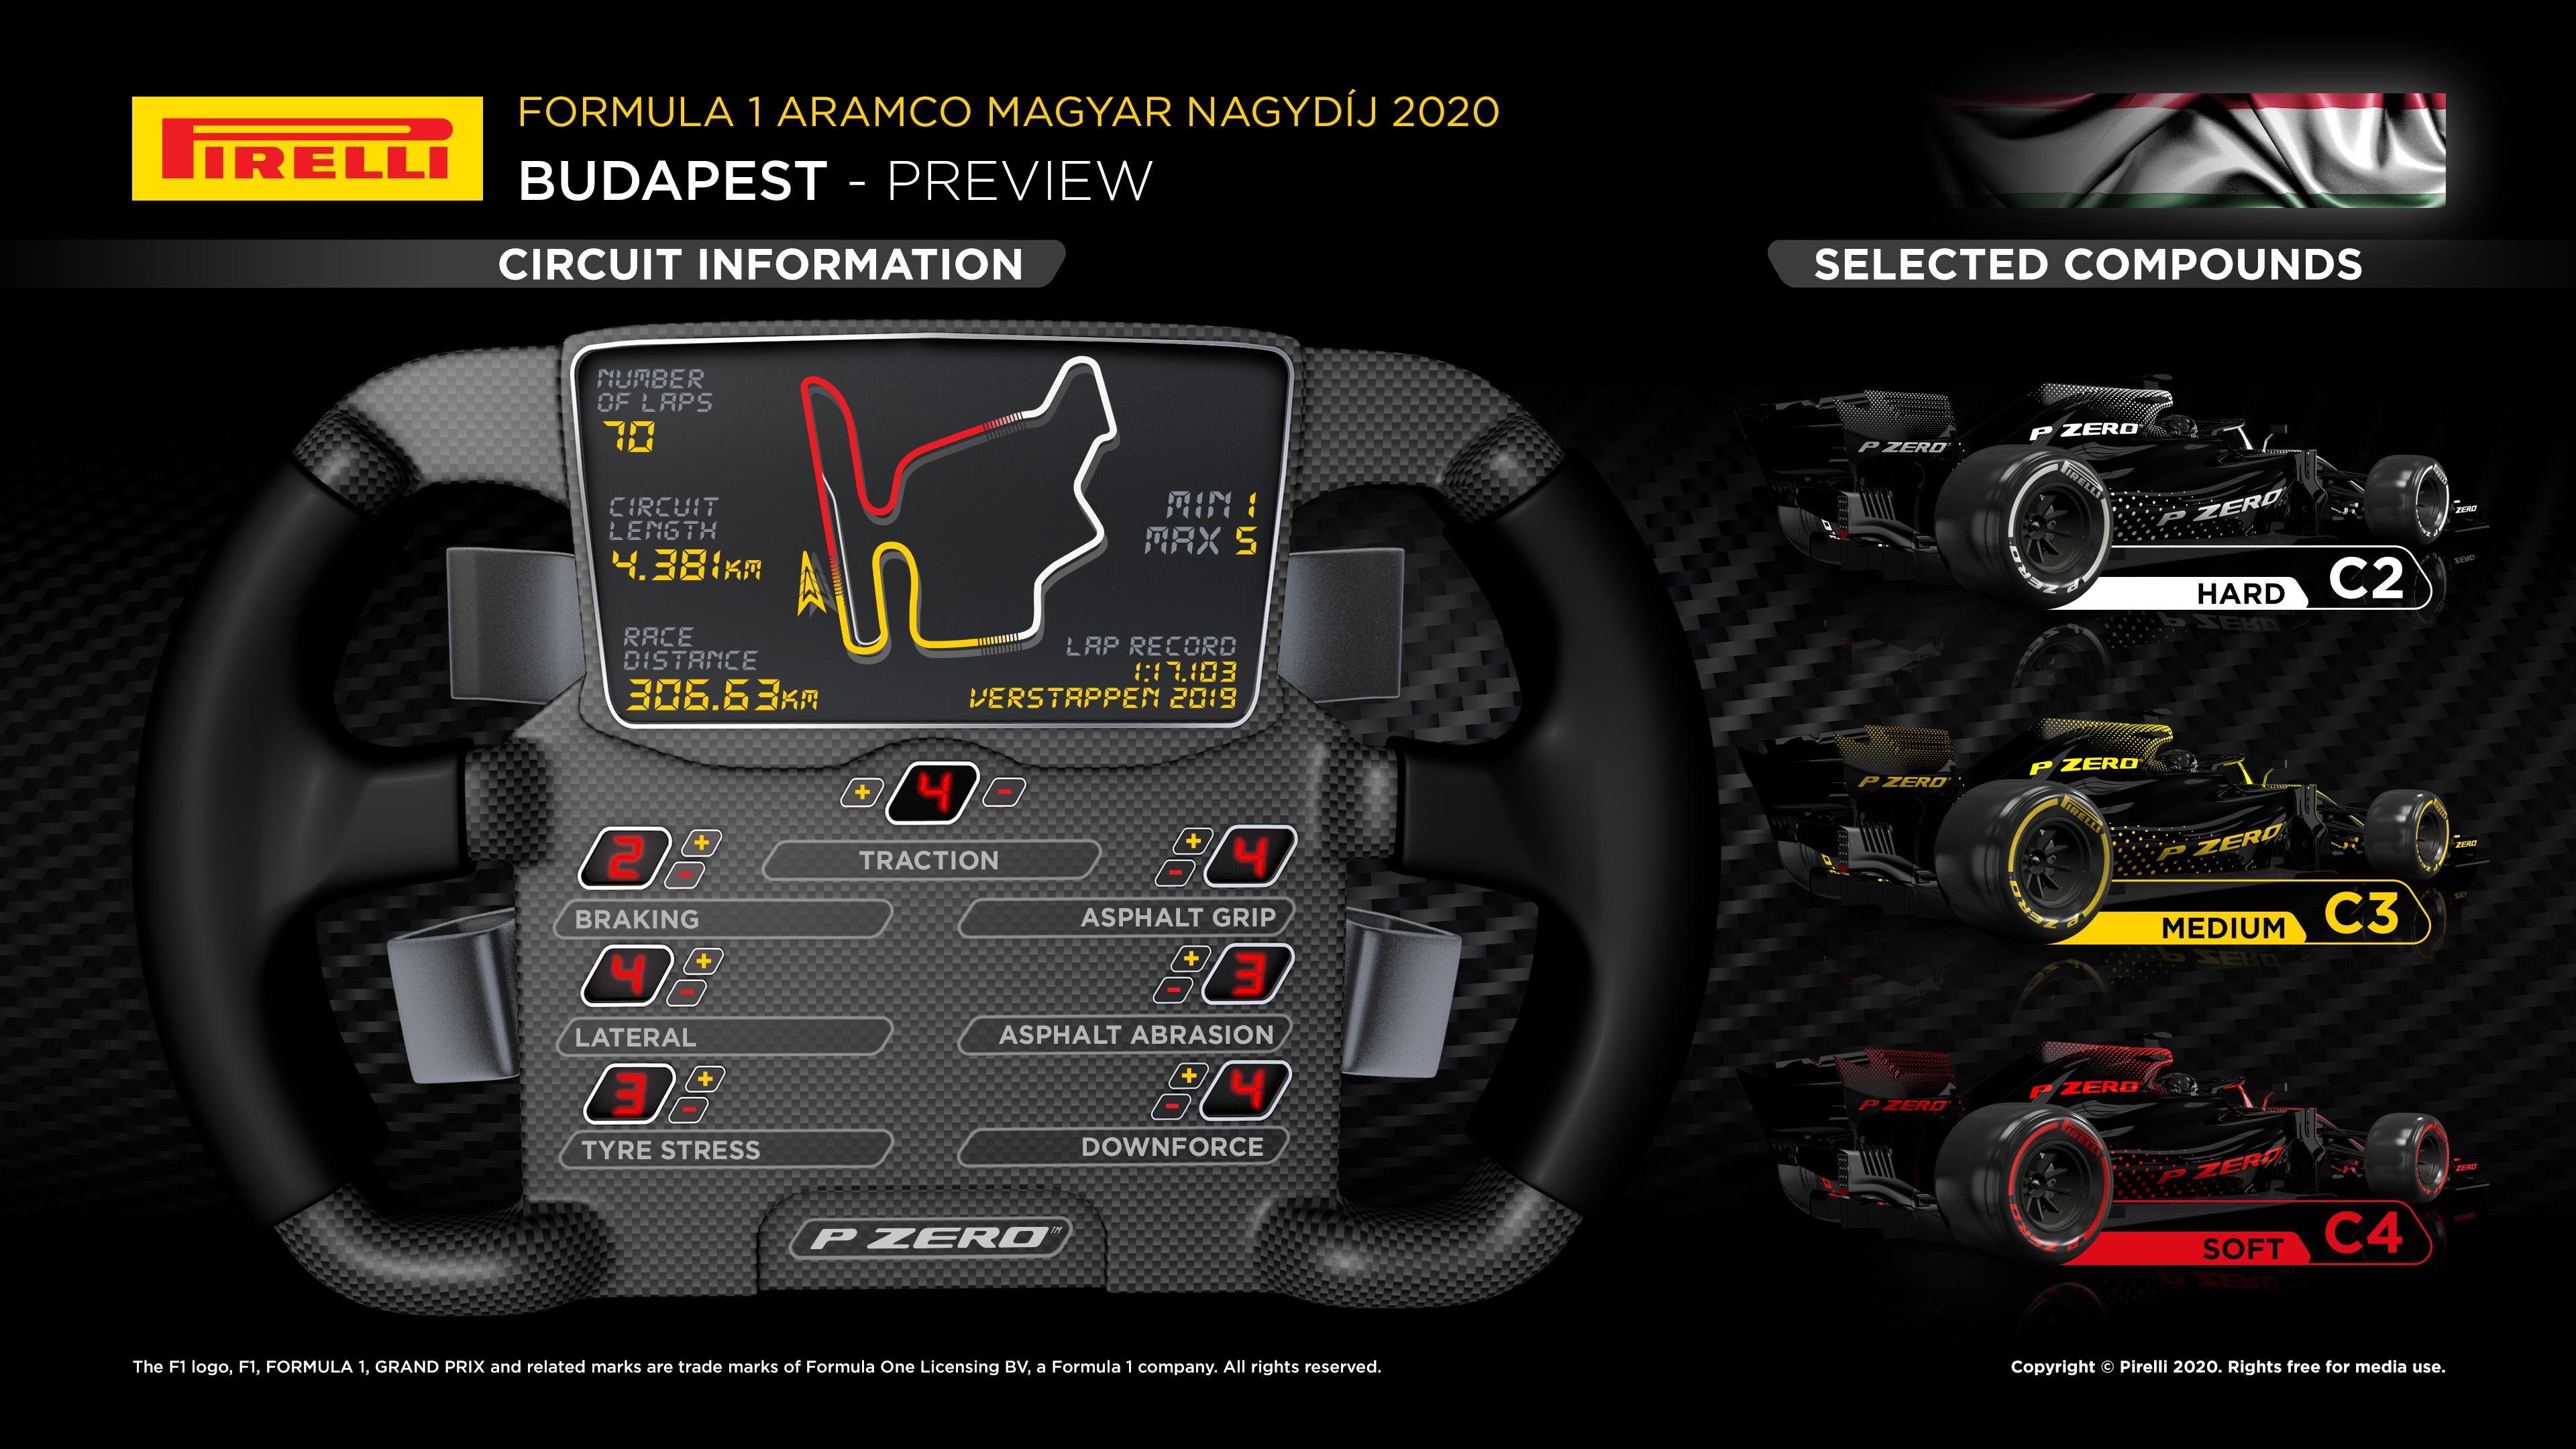 Anteprima Pirelli Ungheria 2020